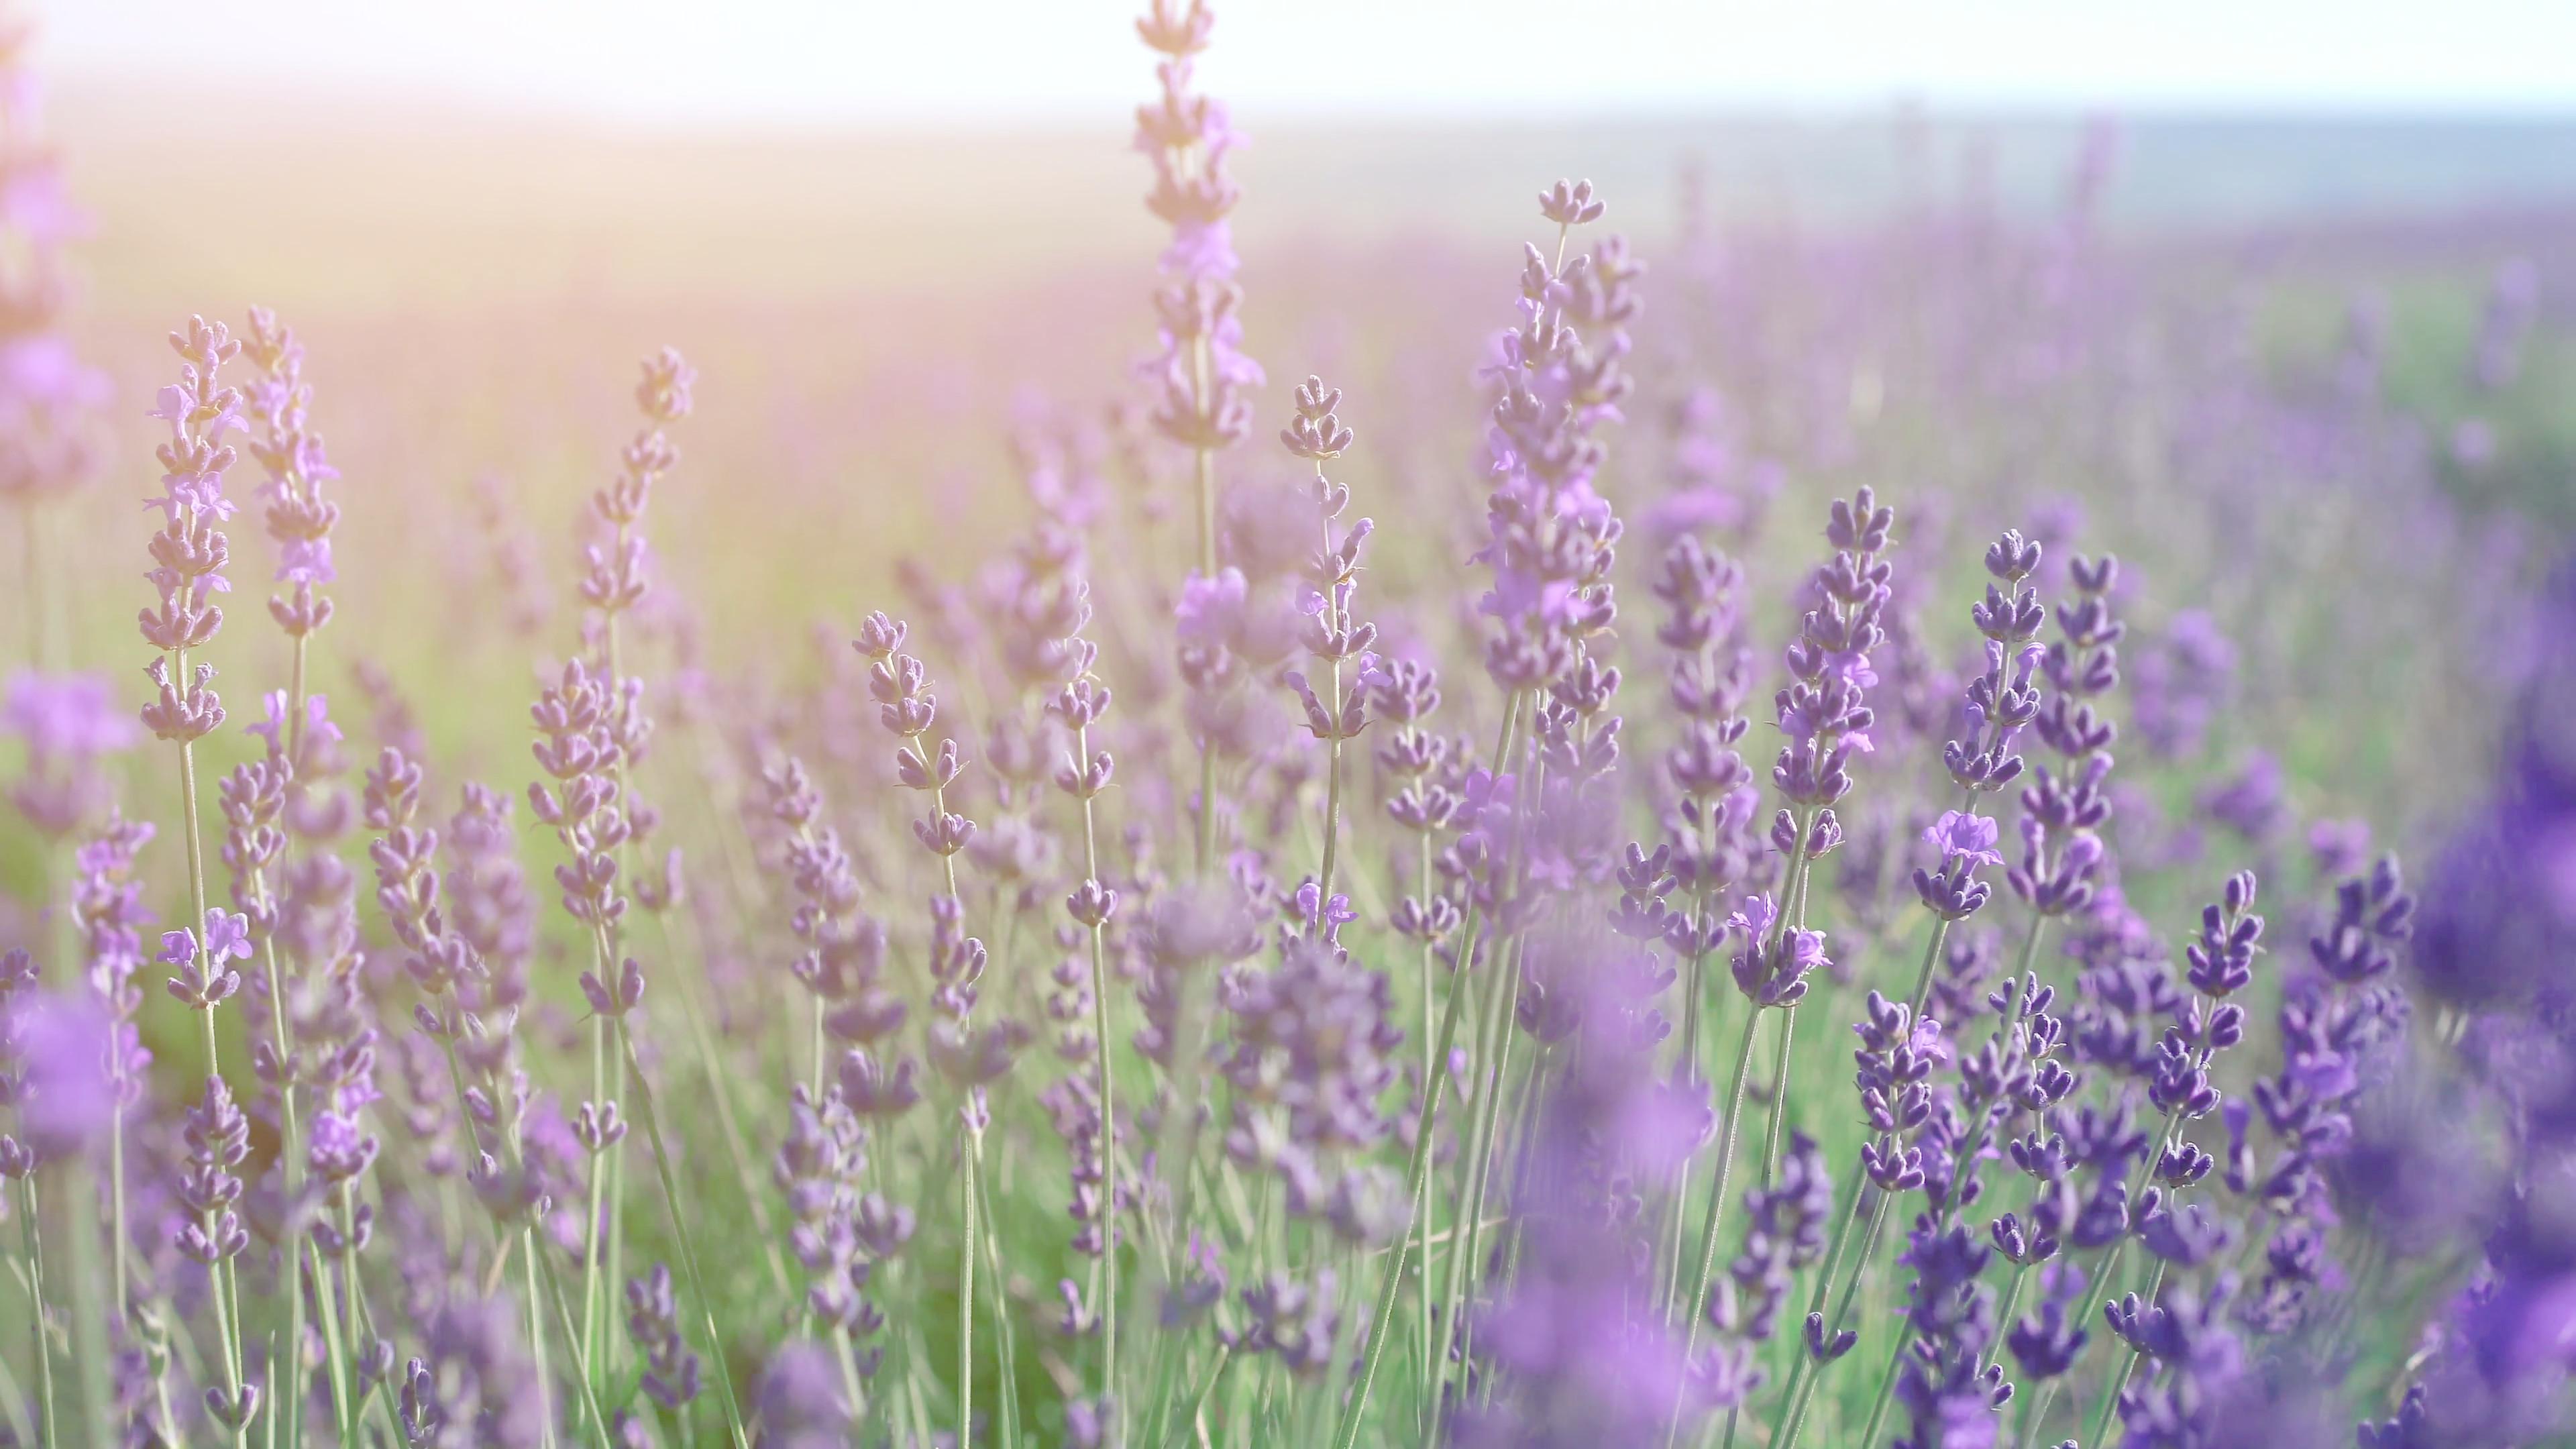 Lavender field in Crimea. Lavandula flowers swaying